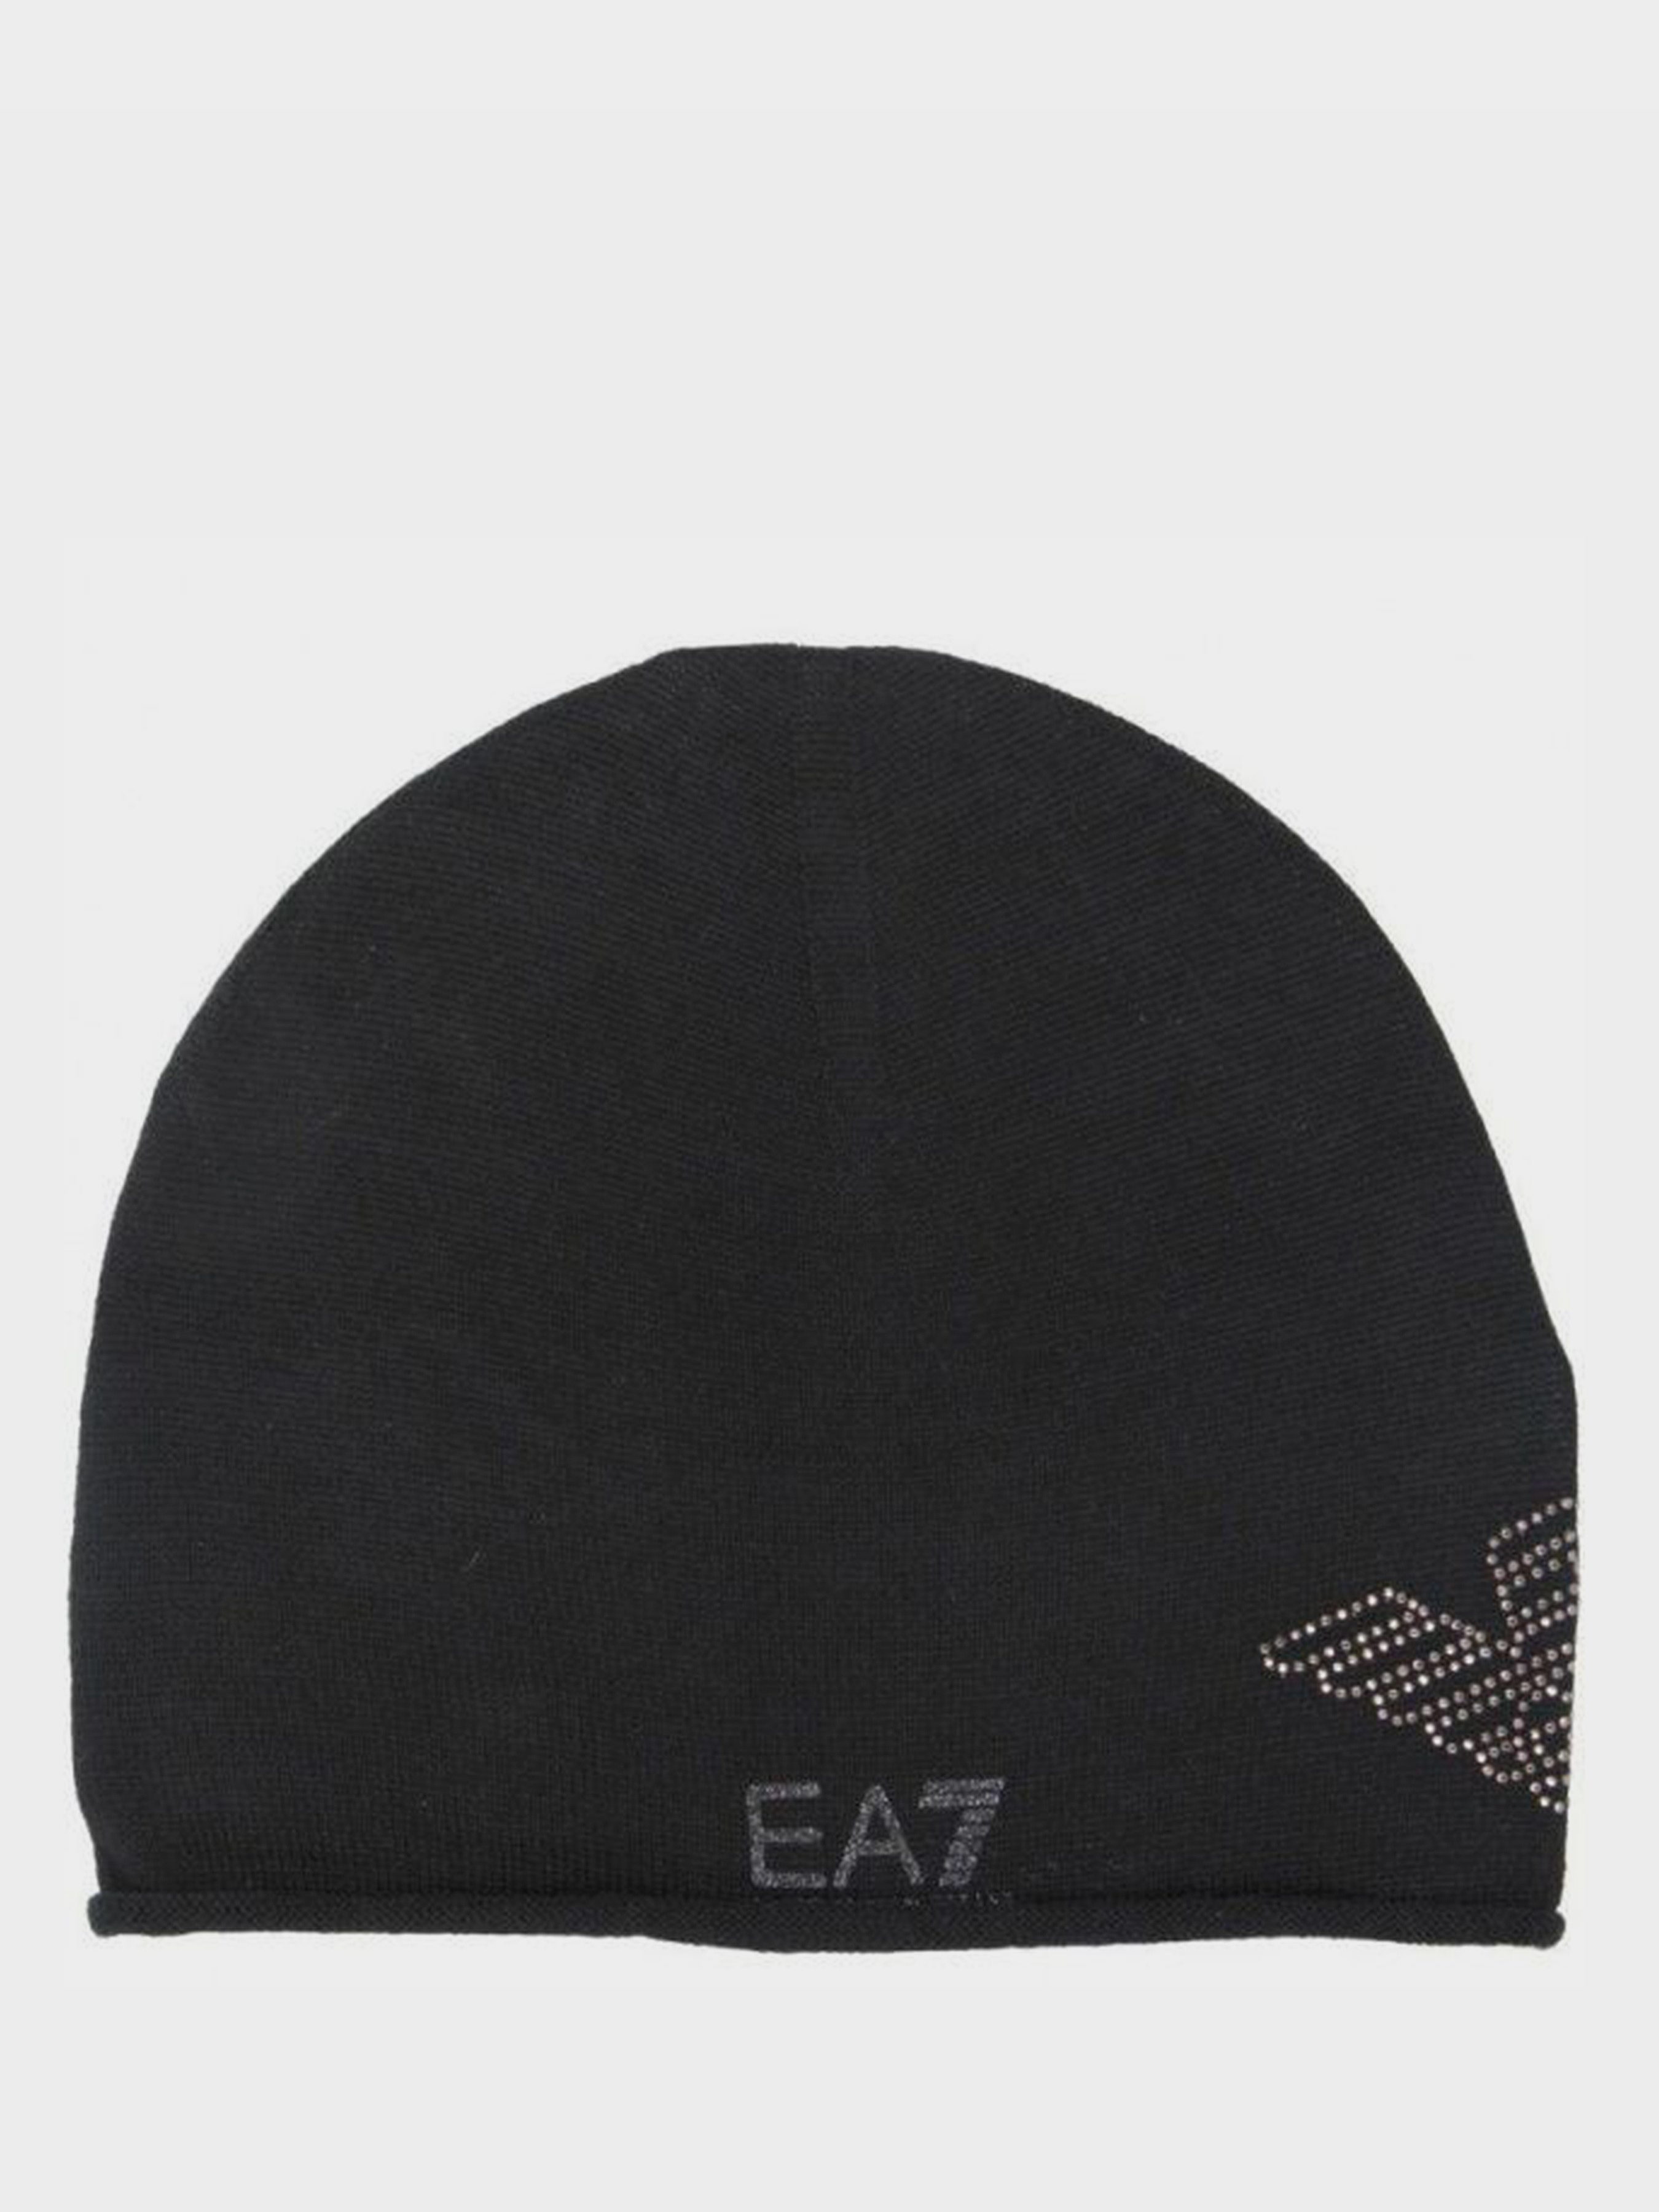 Шапка женские EA7 модель 7T9 купить, 2017